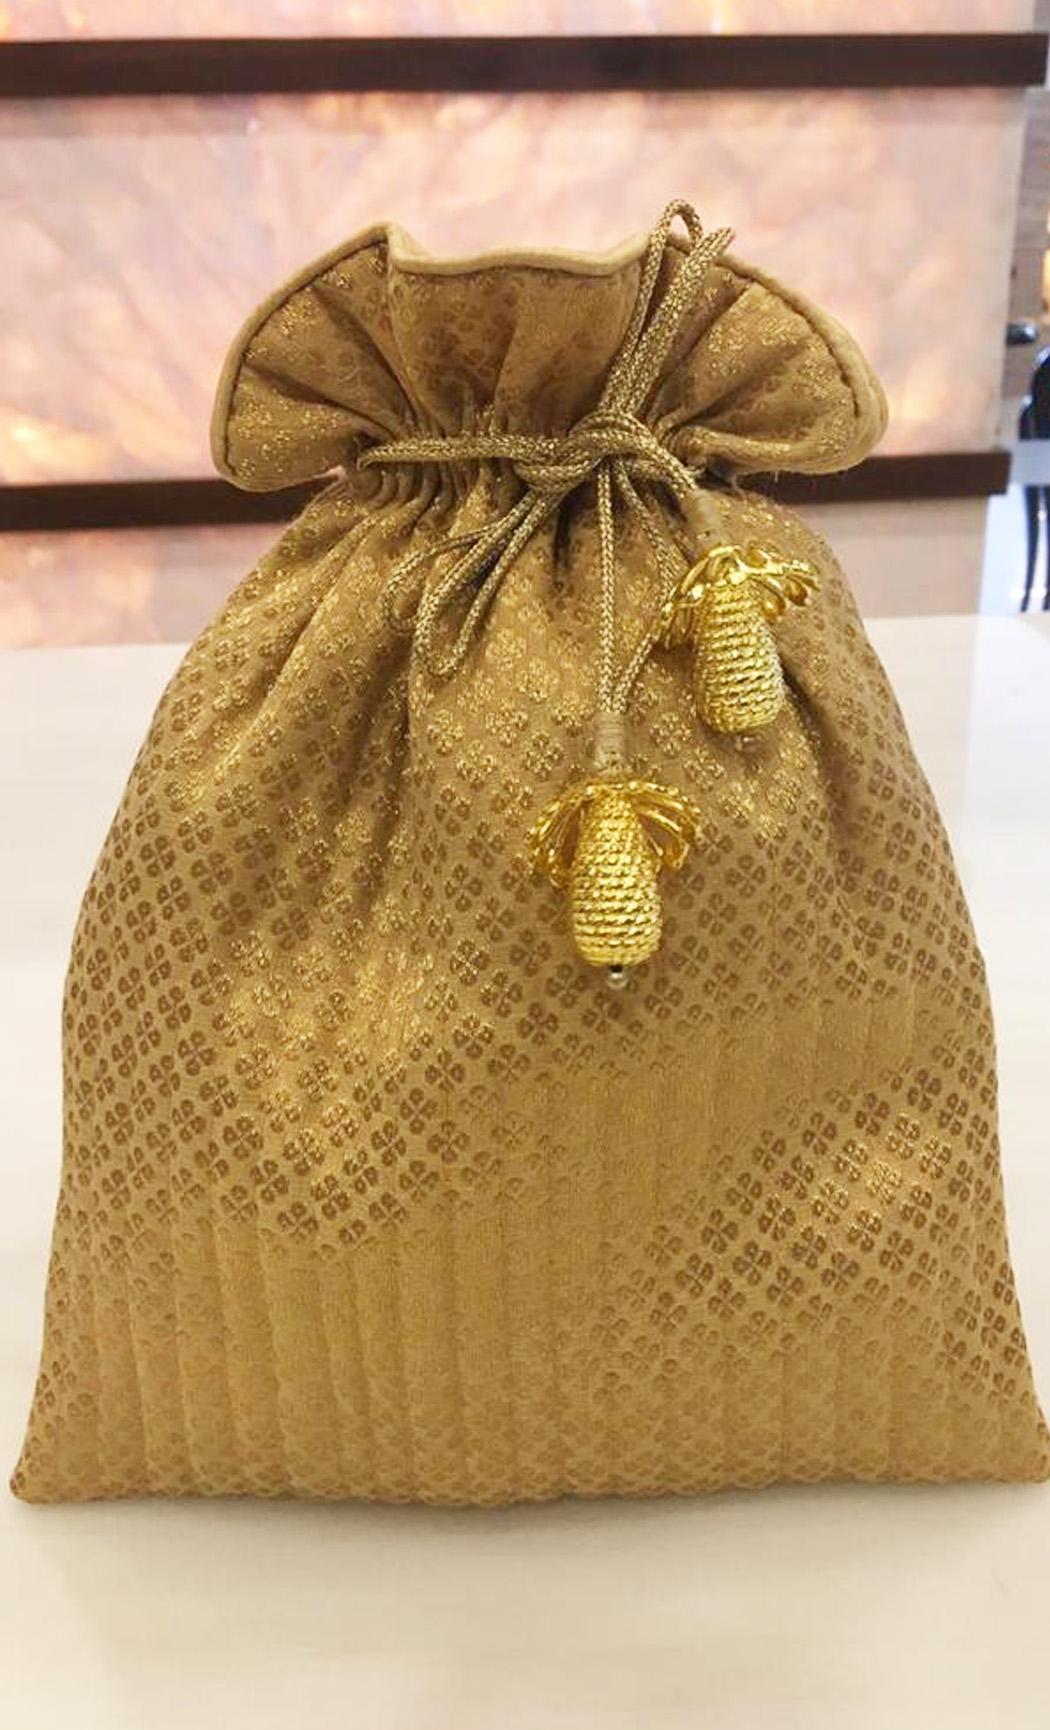 Gold Brocade Potli - Buy Online